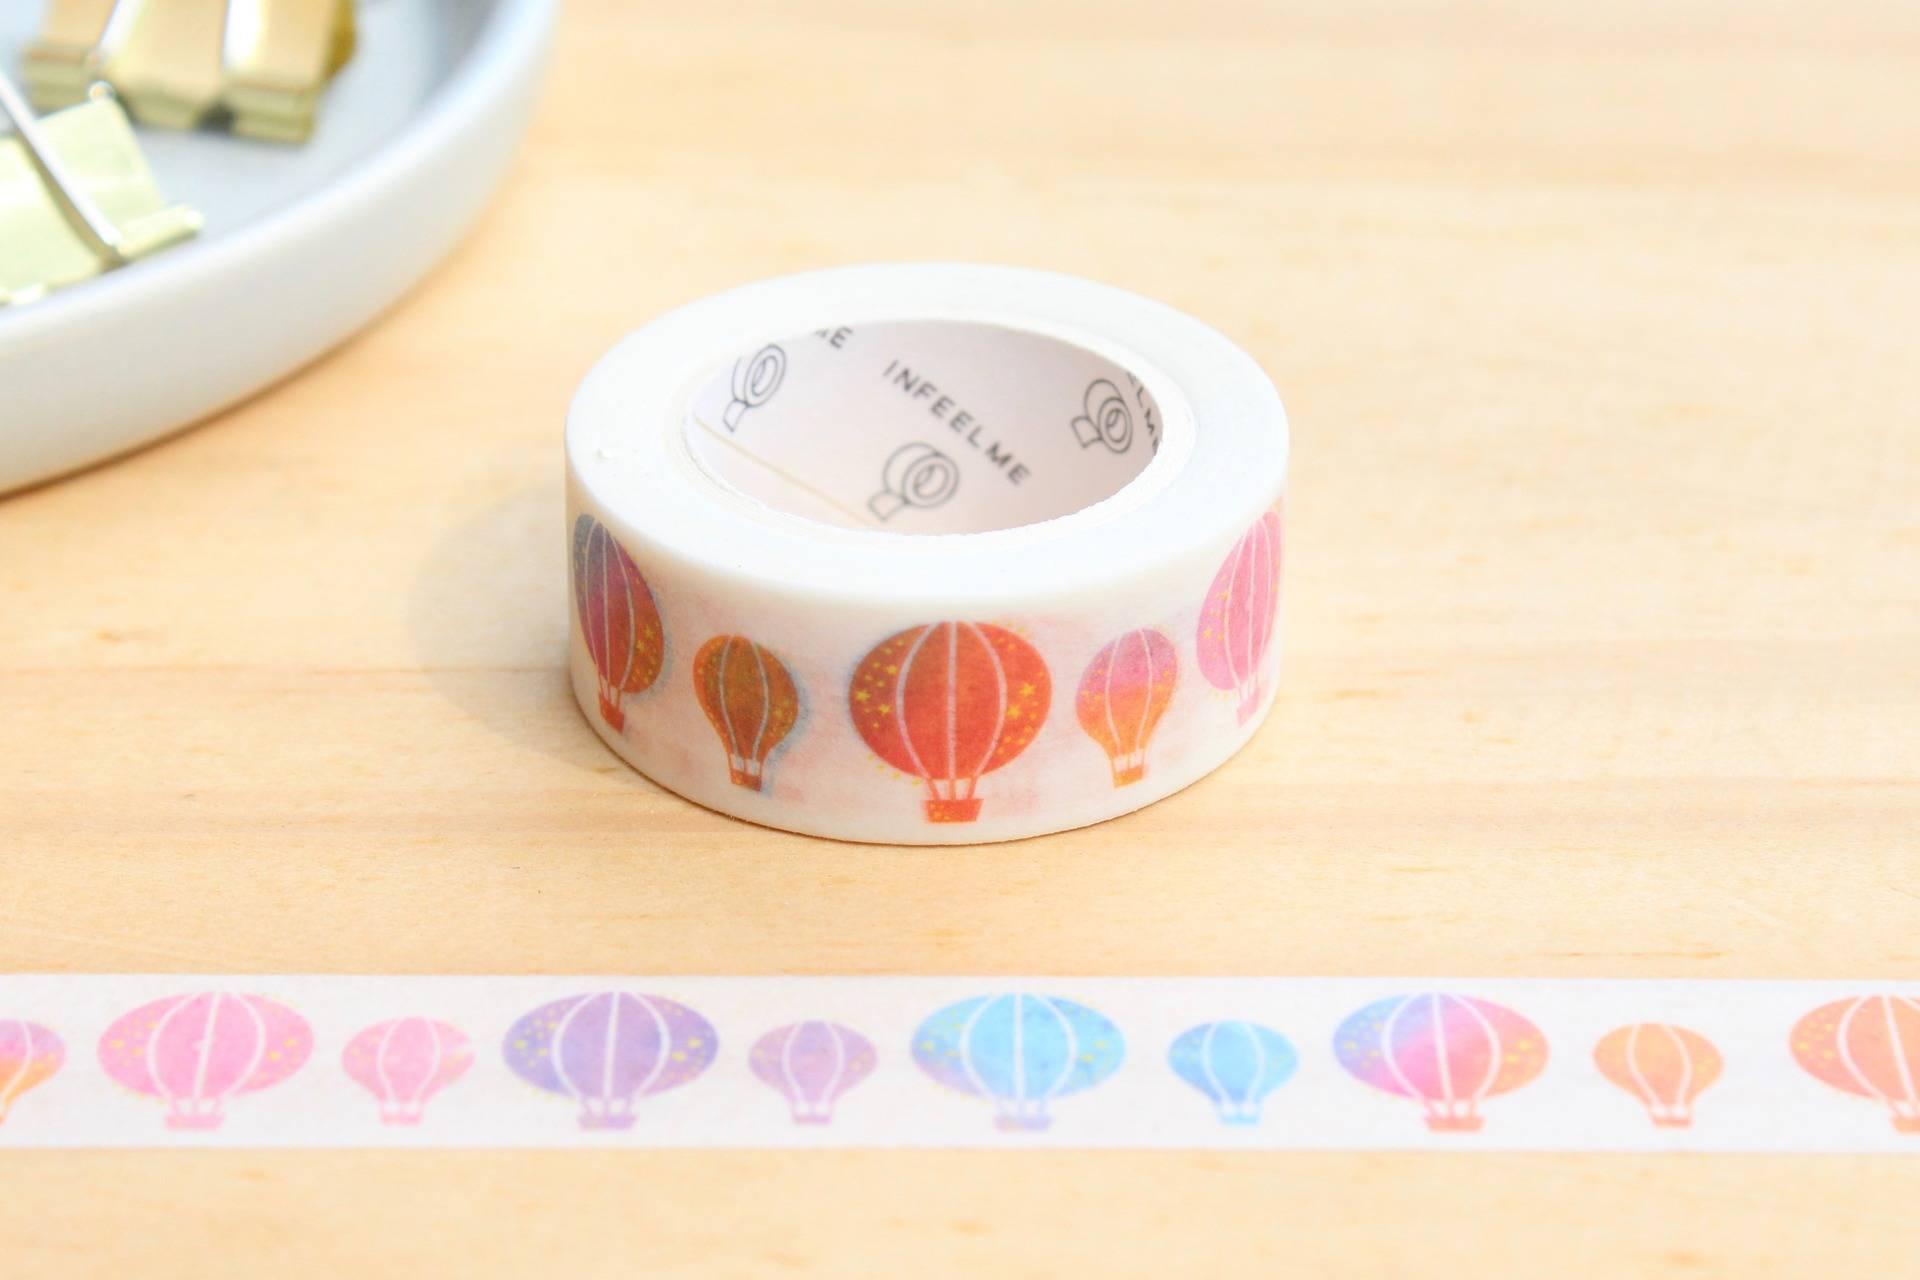 Masking tape Ballon dirigeable, Washi tape, kawaï